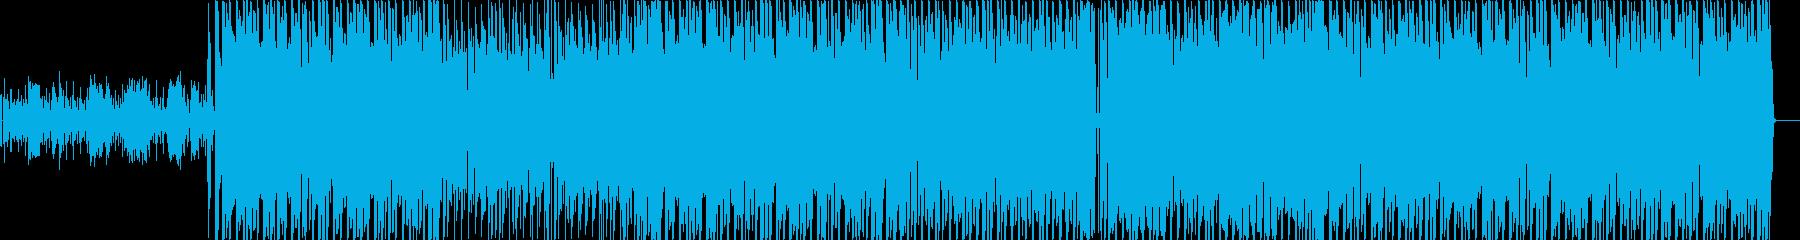 ブラックミュージック系ダンストラックの再生済みの波形